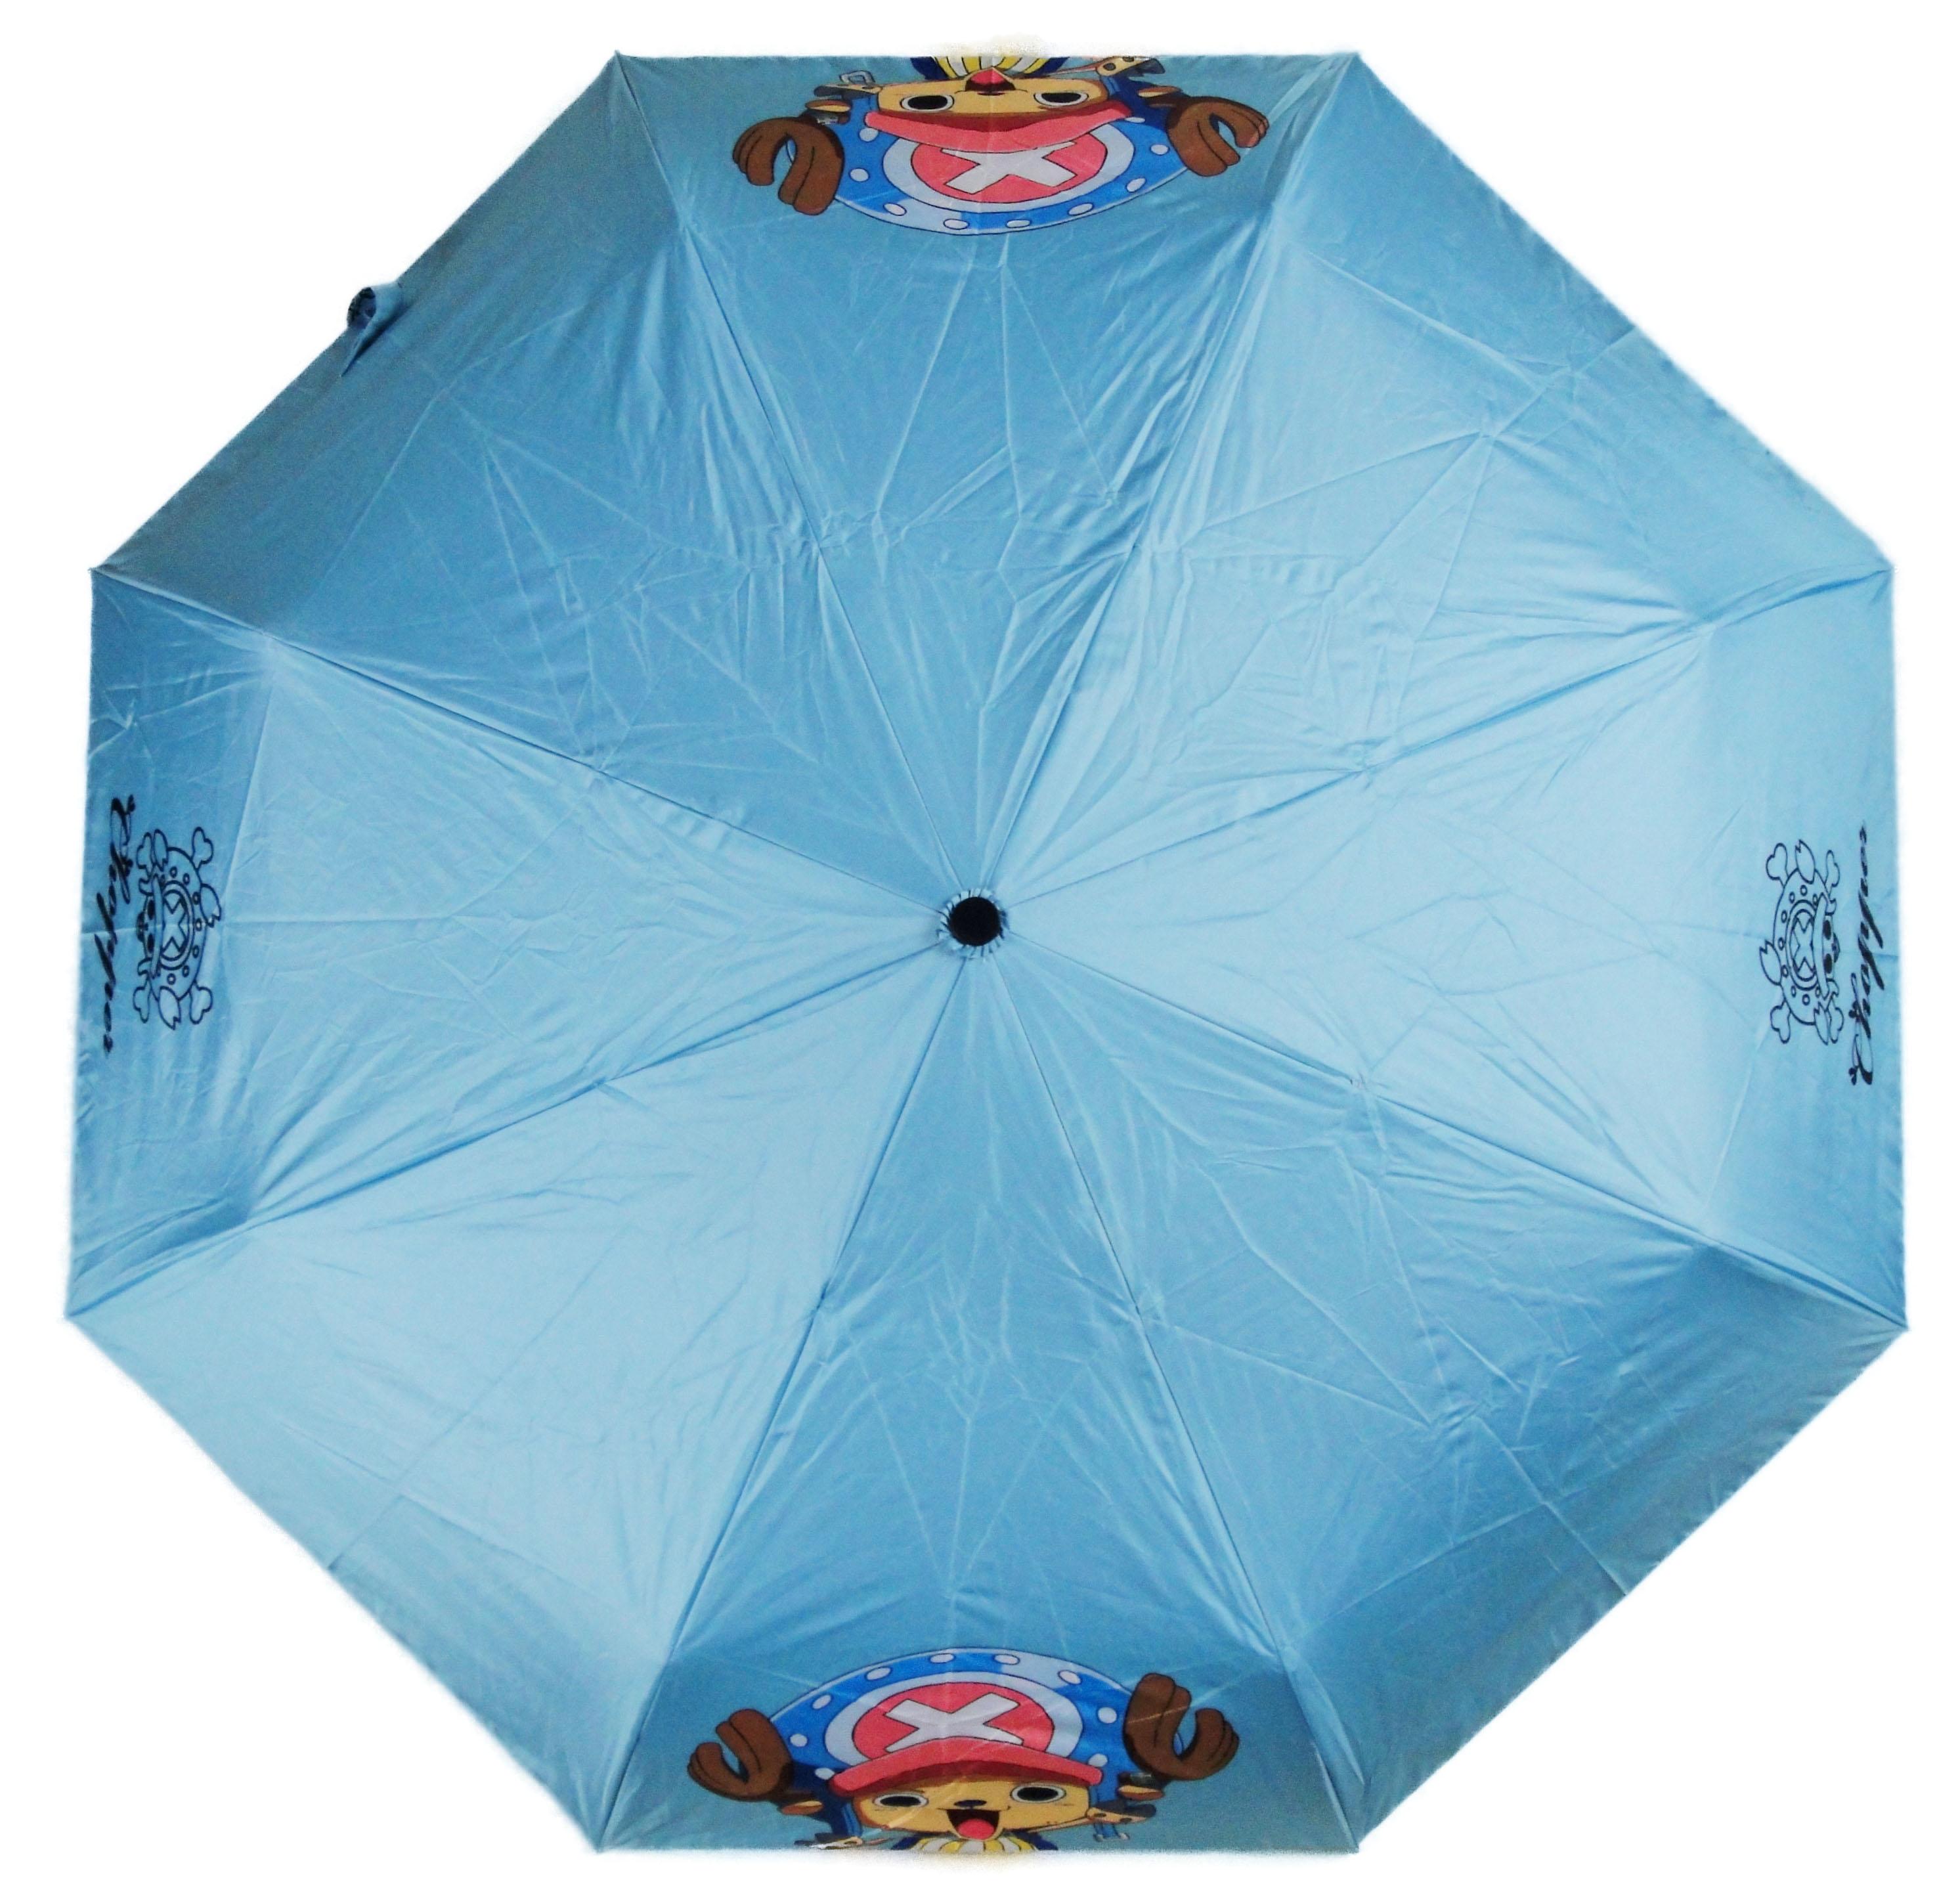 One Piece 航海王 海賊王 喬巴 Chopper 水藍色 自動傘 雨傘 陽傘 晴雨傘